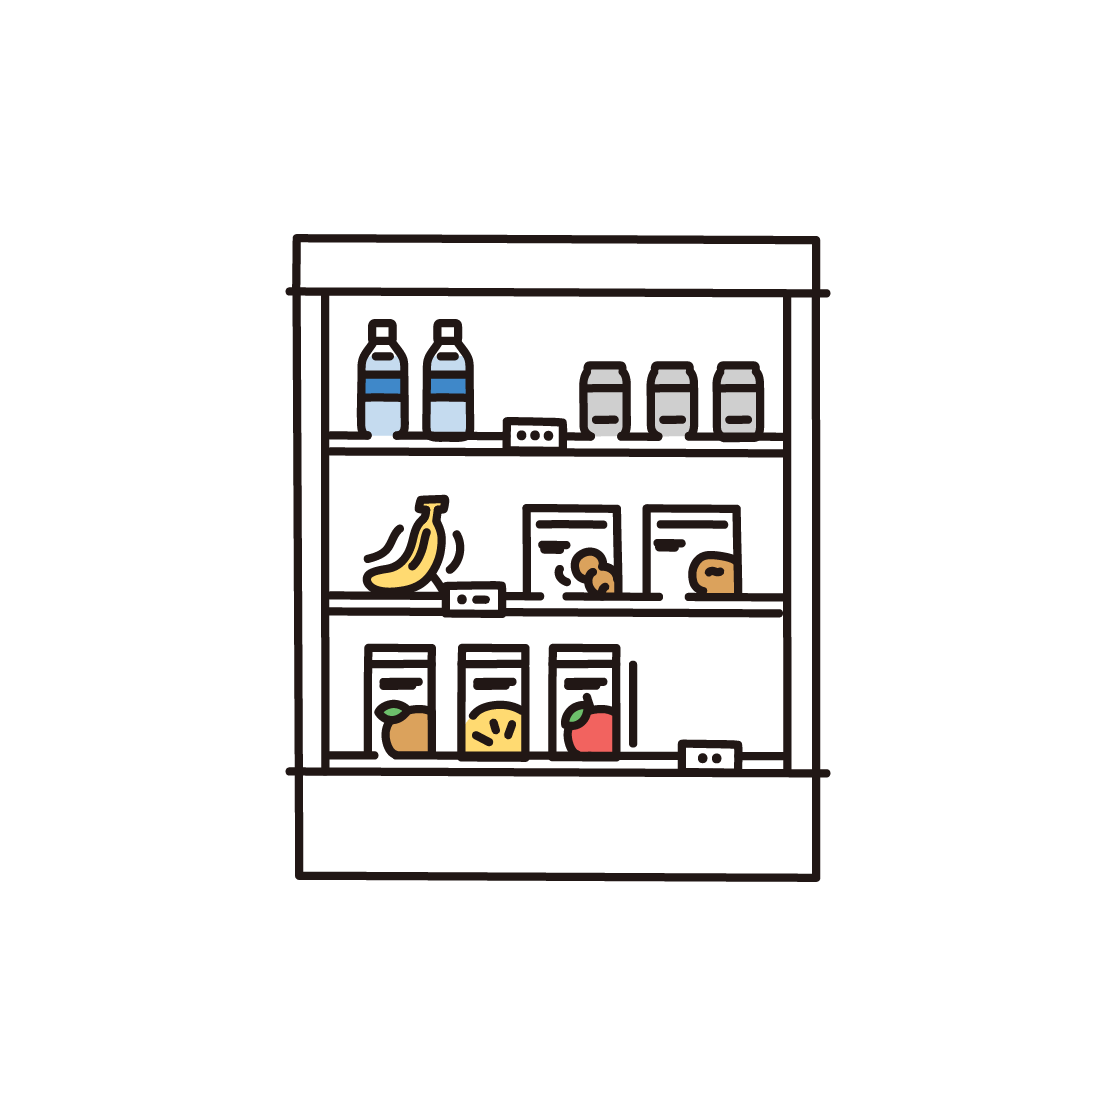 商品棚のイラスト